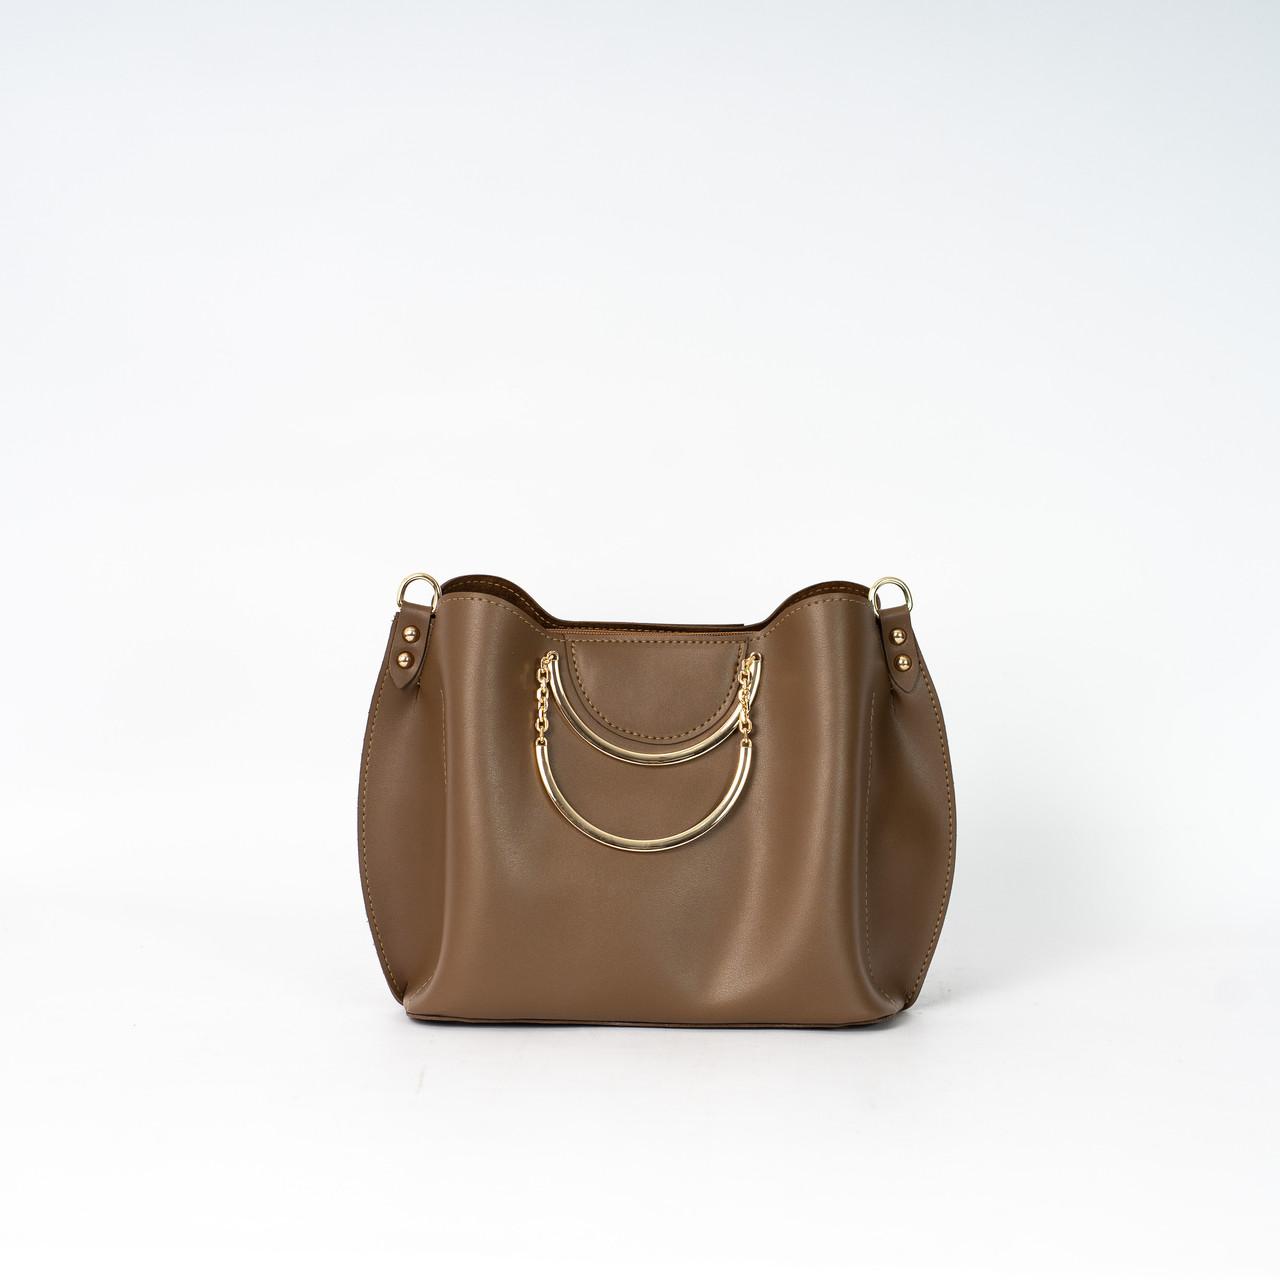 Женская коричневая сумочка K06-20/3 с металлическими маленькими ручками на плечо